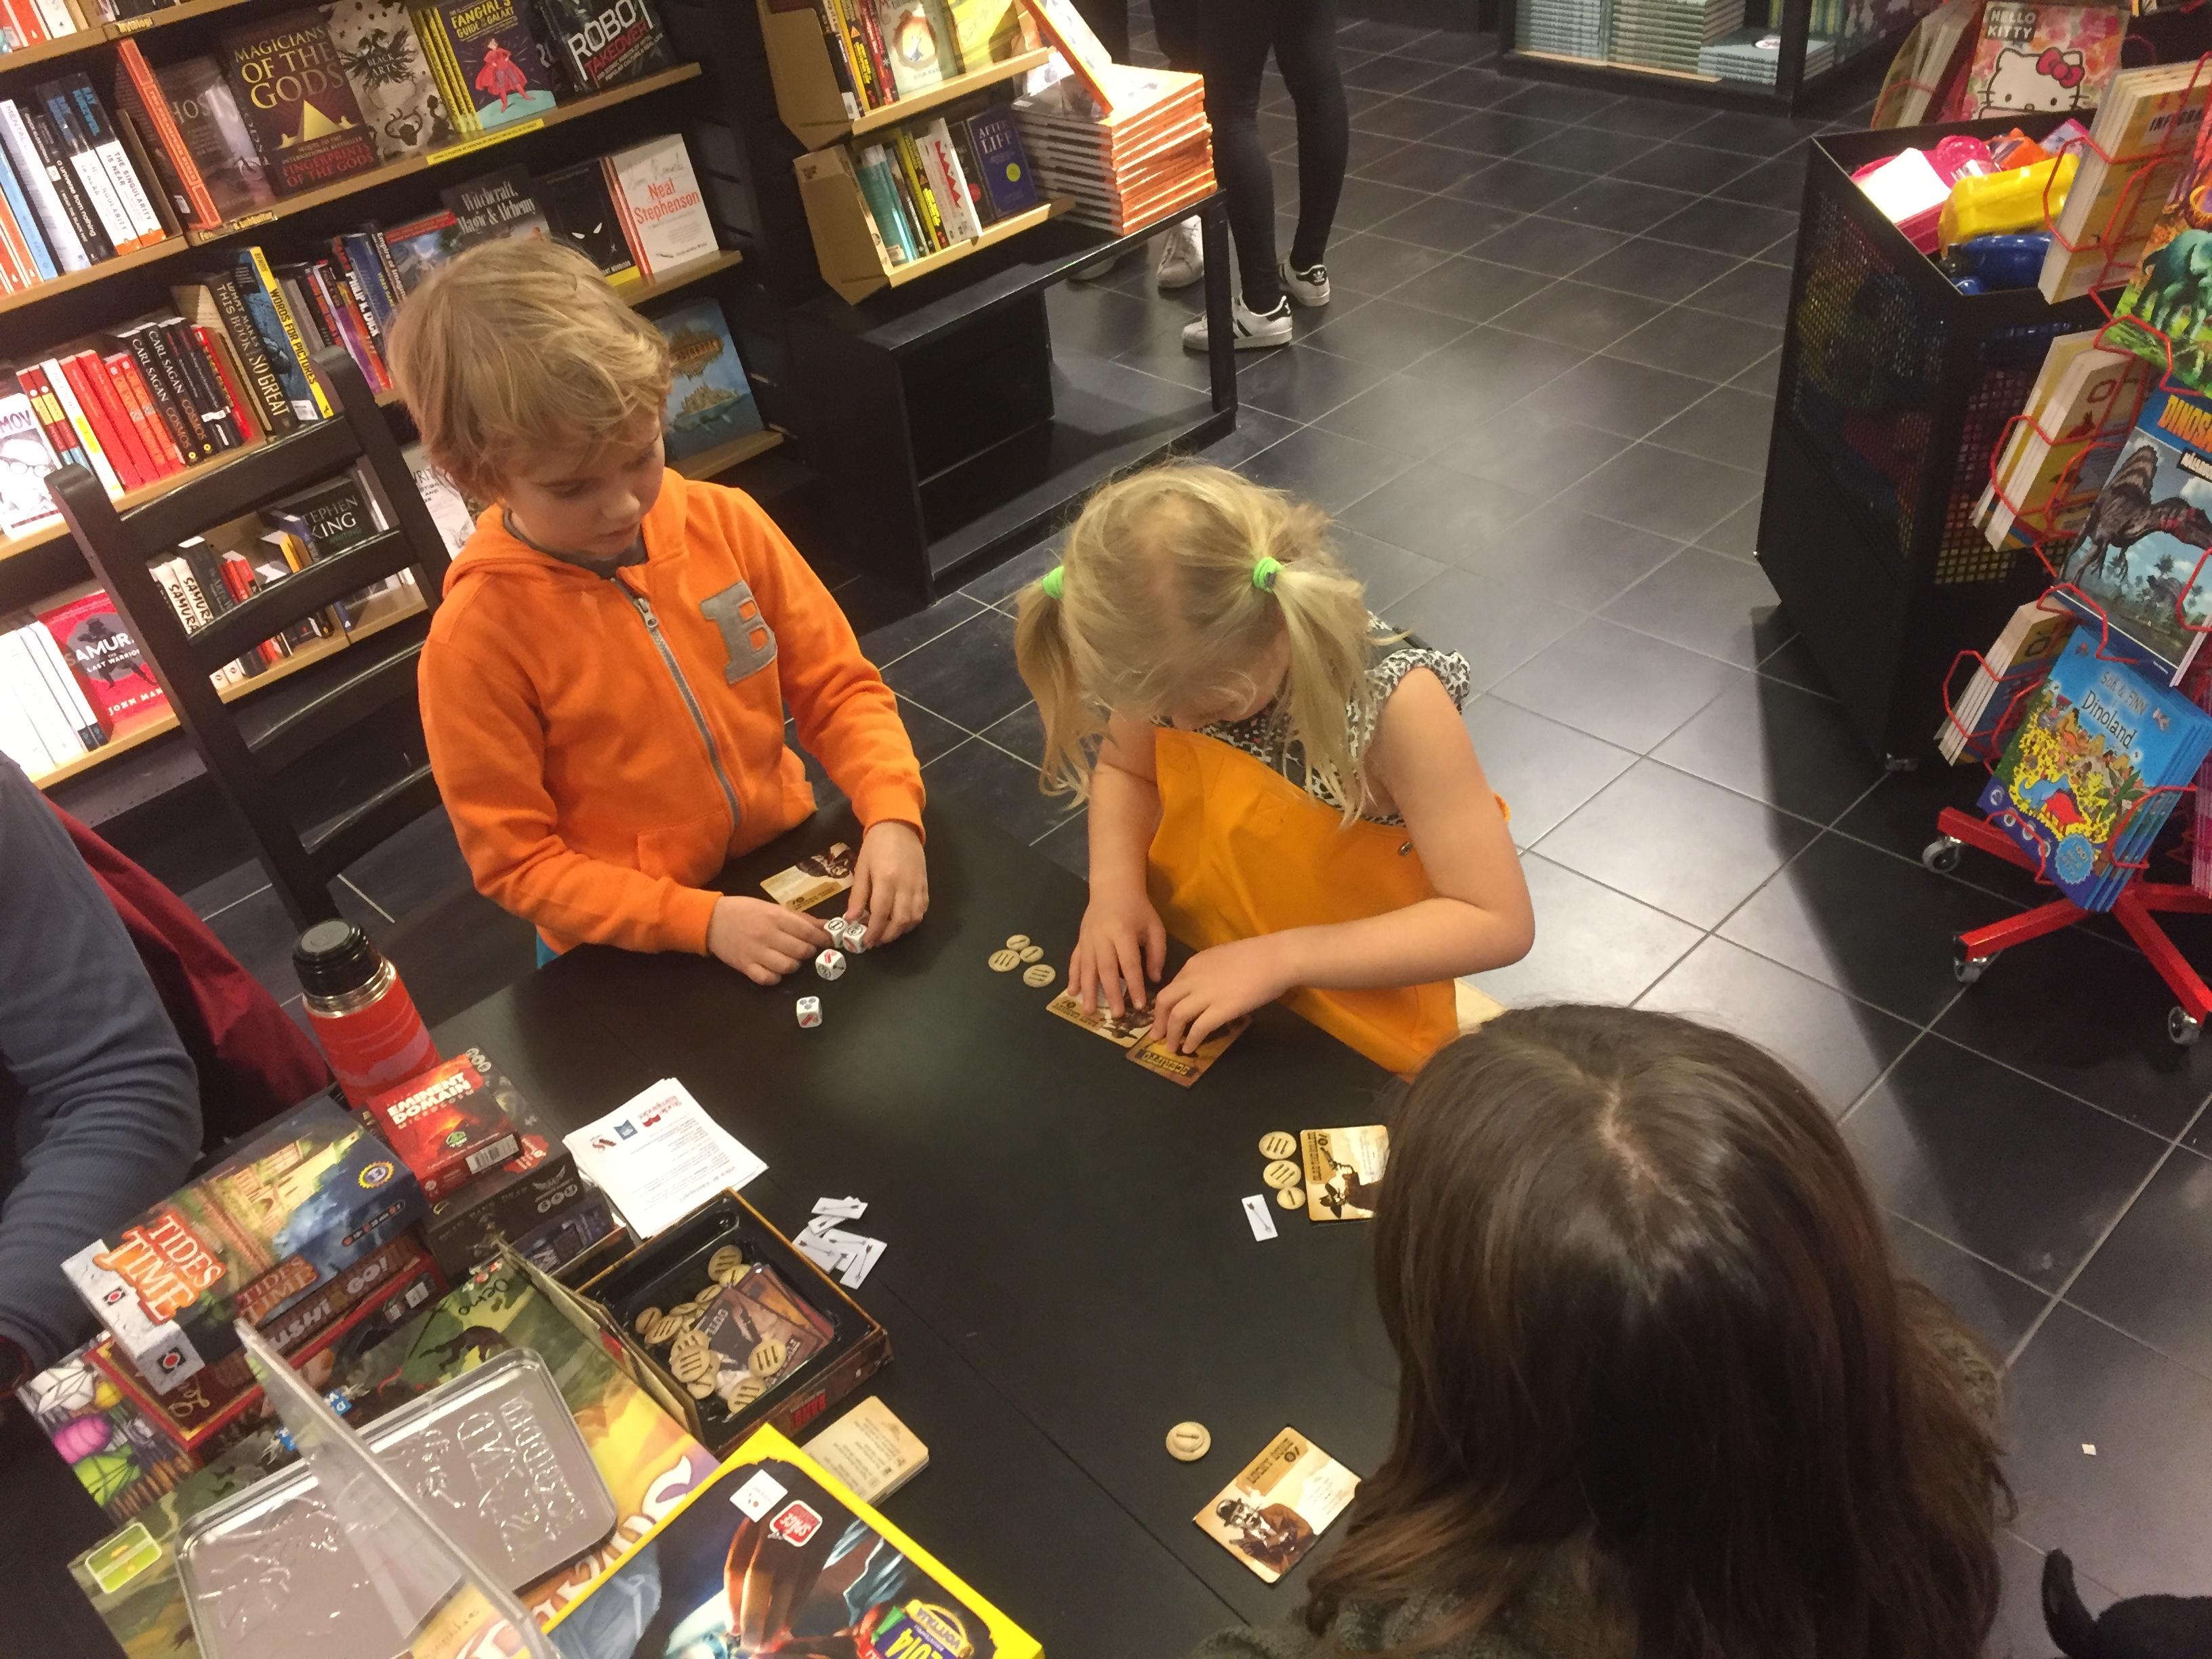 drakborgen spel sf bokhandeln